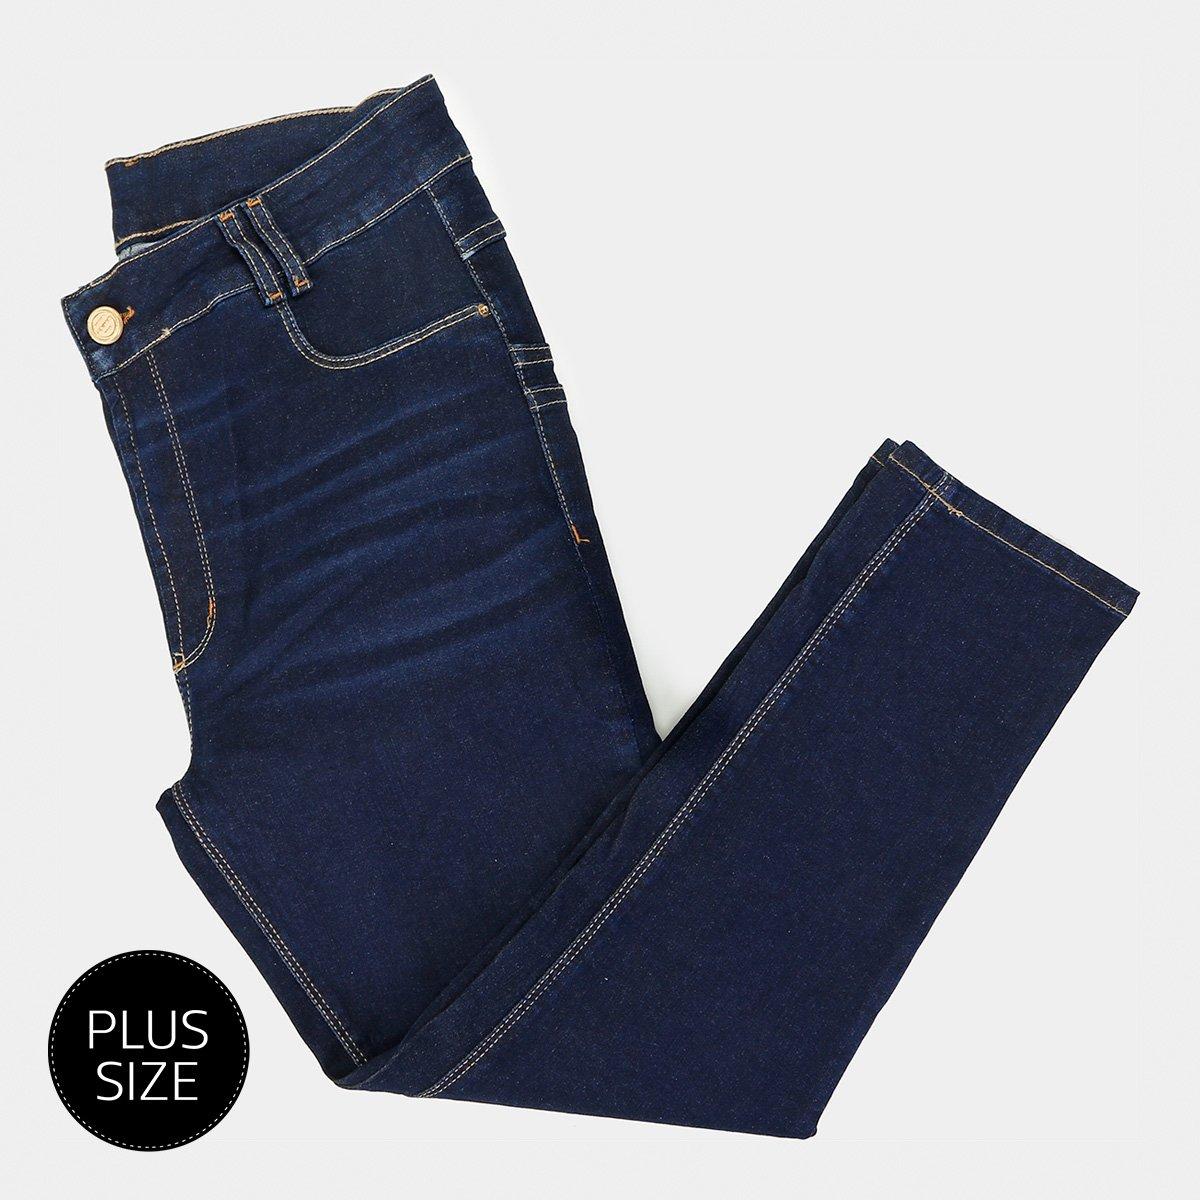 f70e723de Calça Jeans Sawary Skinny Cropped Plus Size Feminina - Tam: 54 - ...